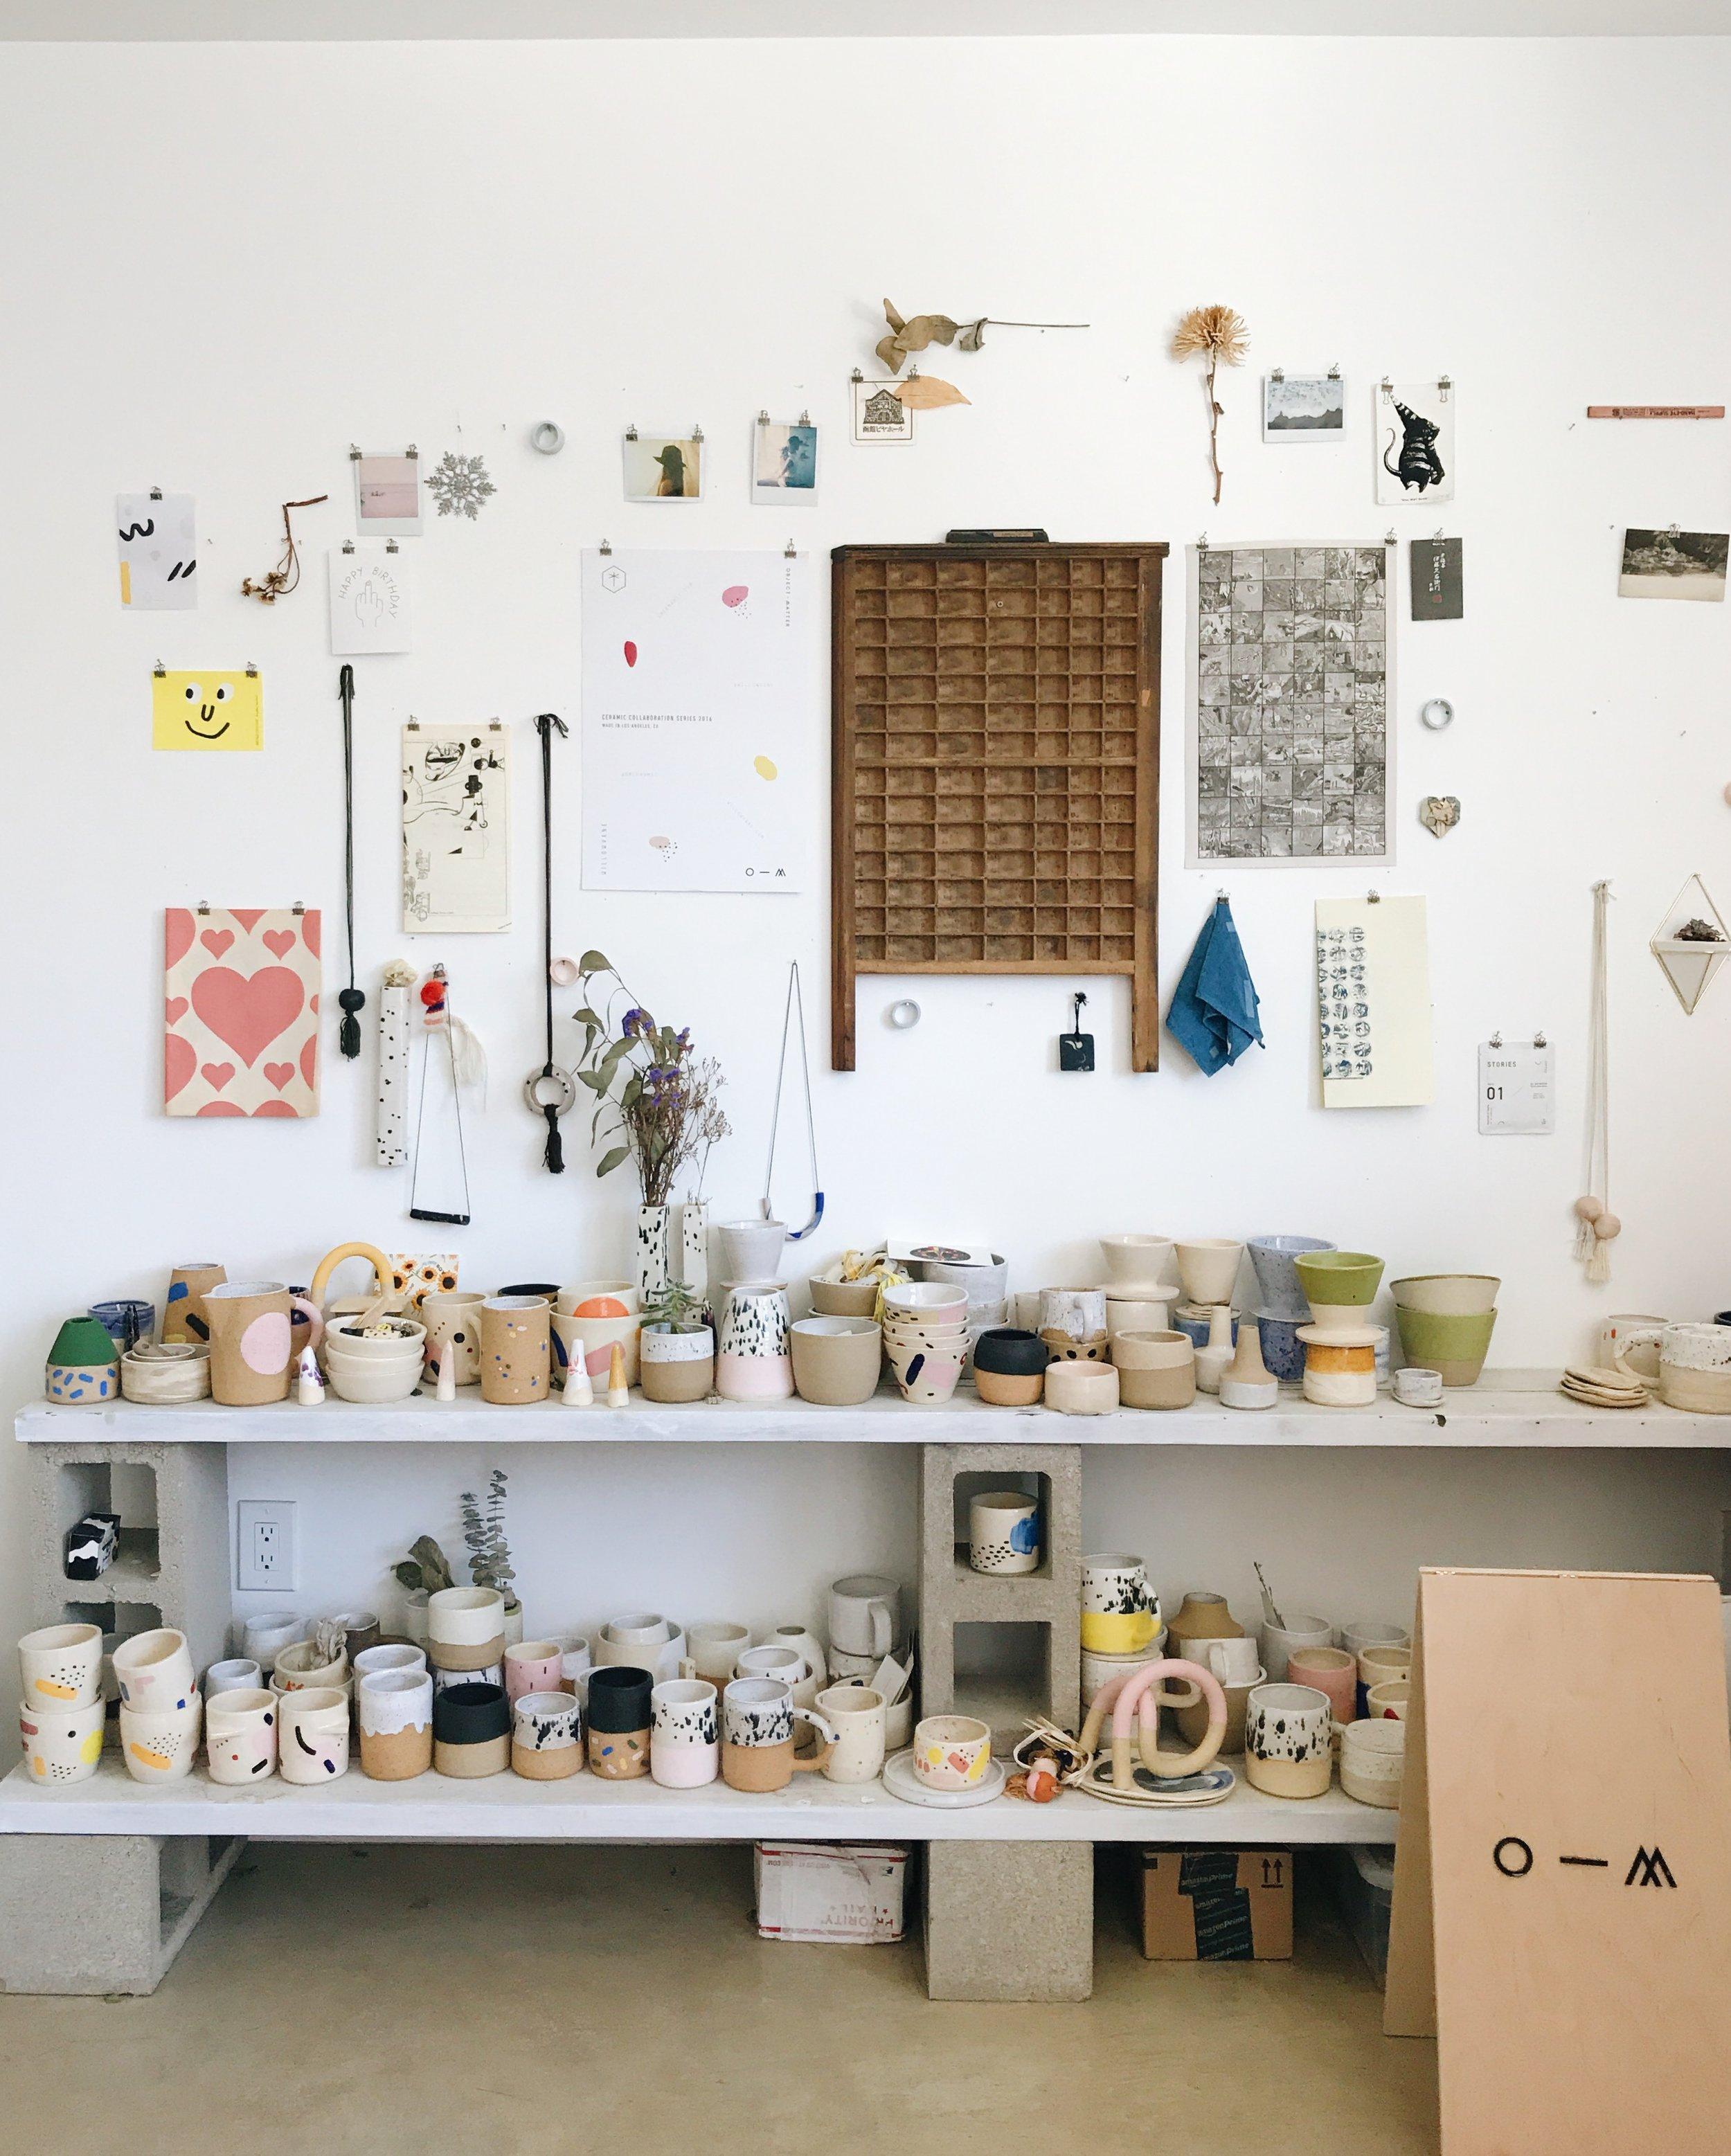 Meet the Maker - O-M Ceramics - 91 Magazine